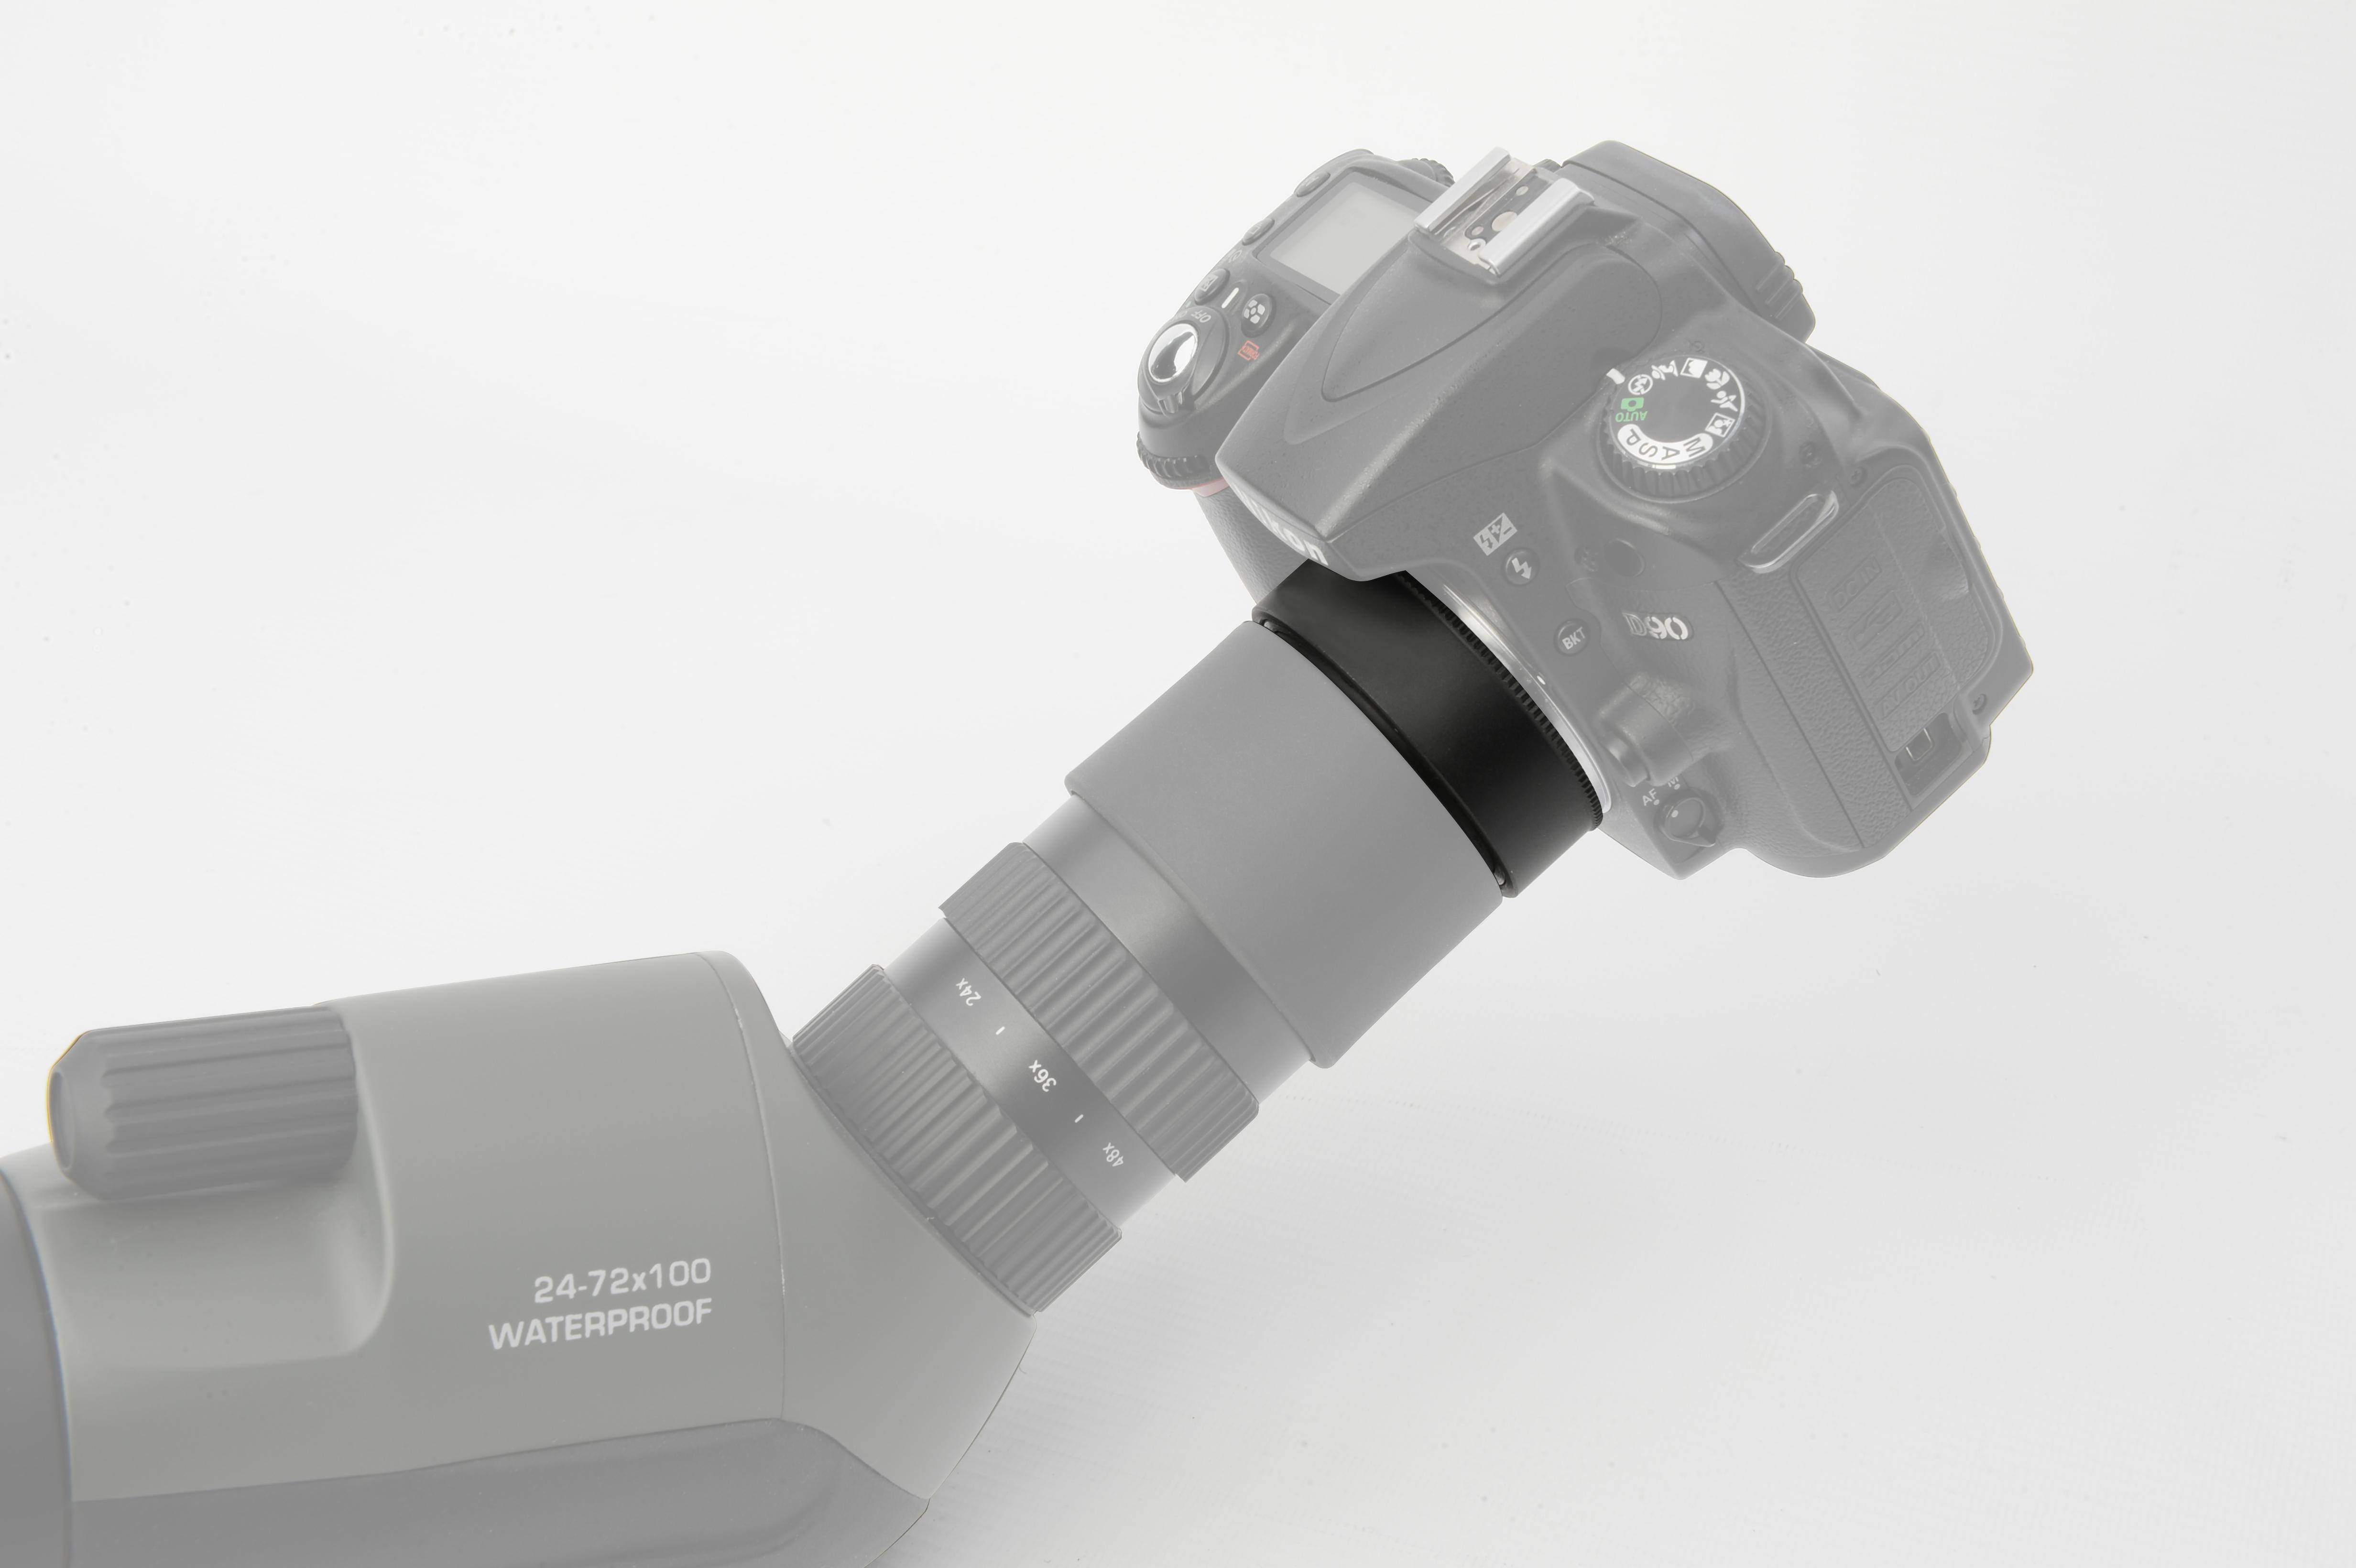 Nikon Entfernungsmesser Schweiz : Bresser fotoadapter nikon für condor spektive